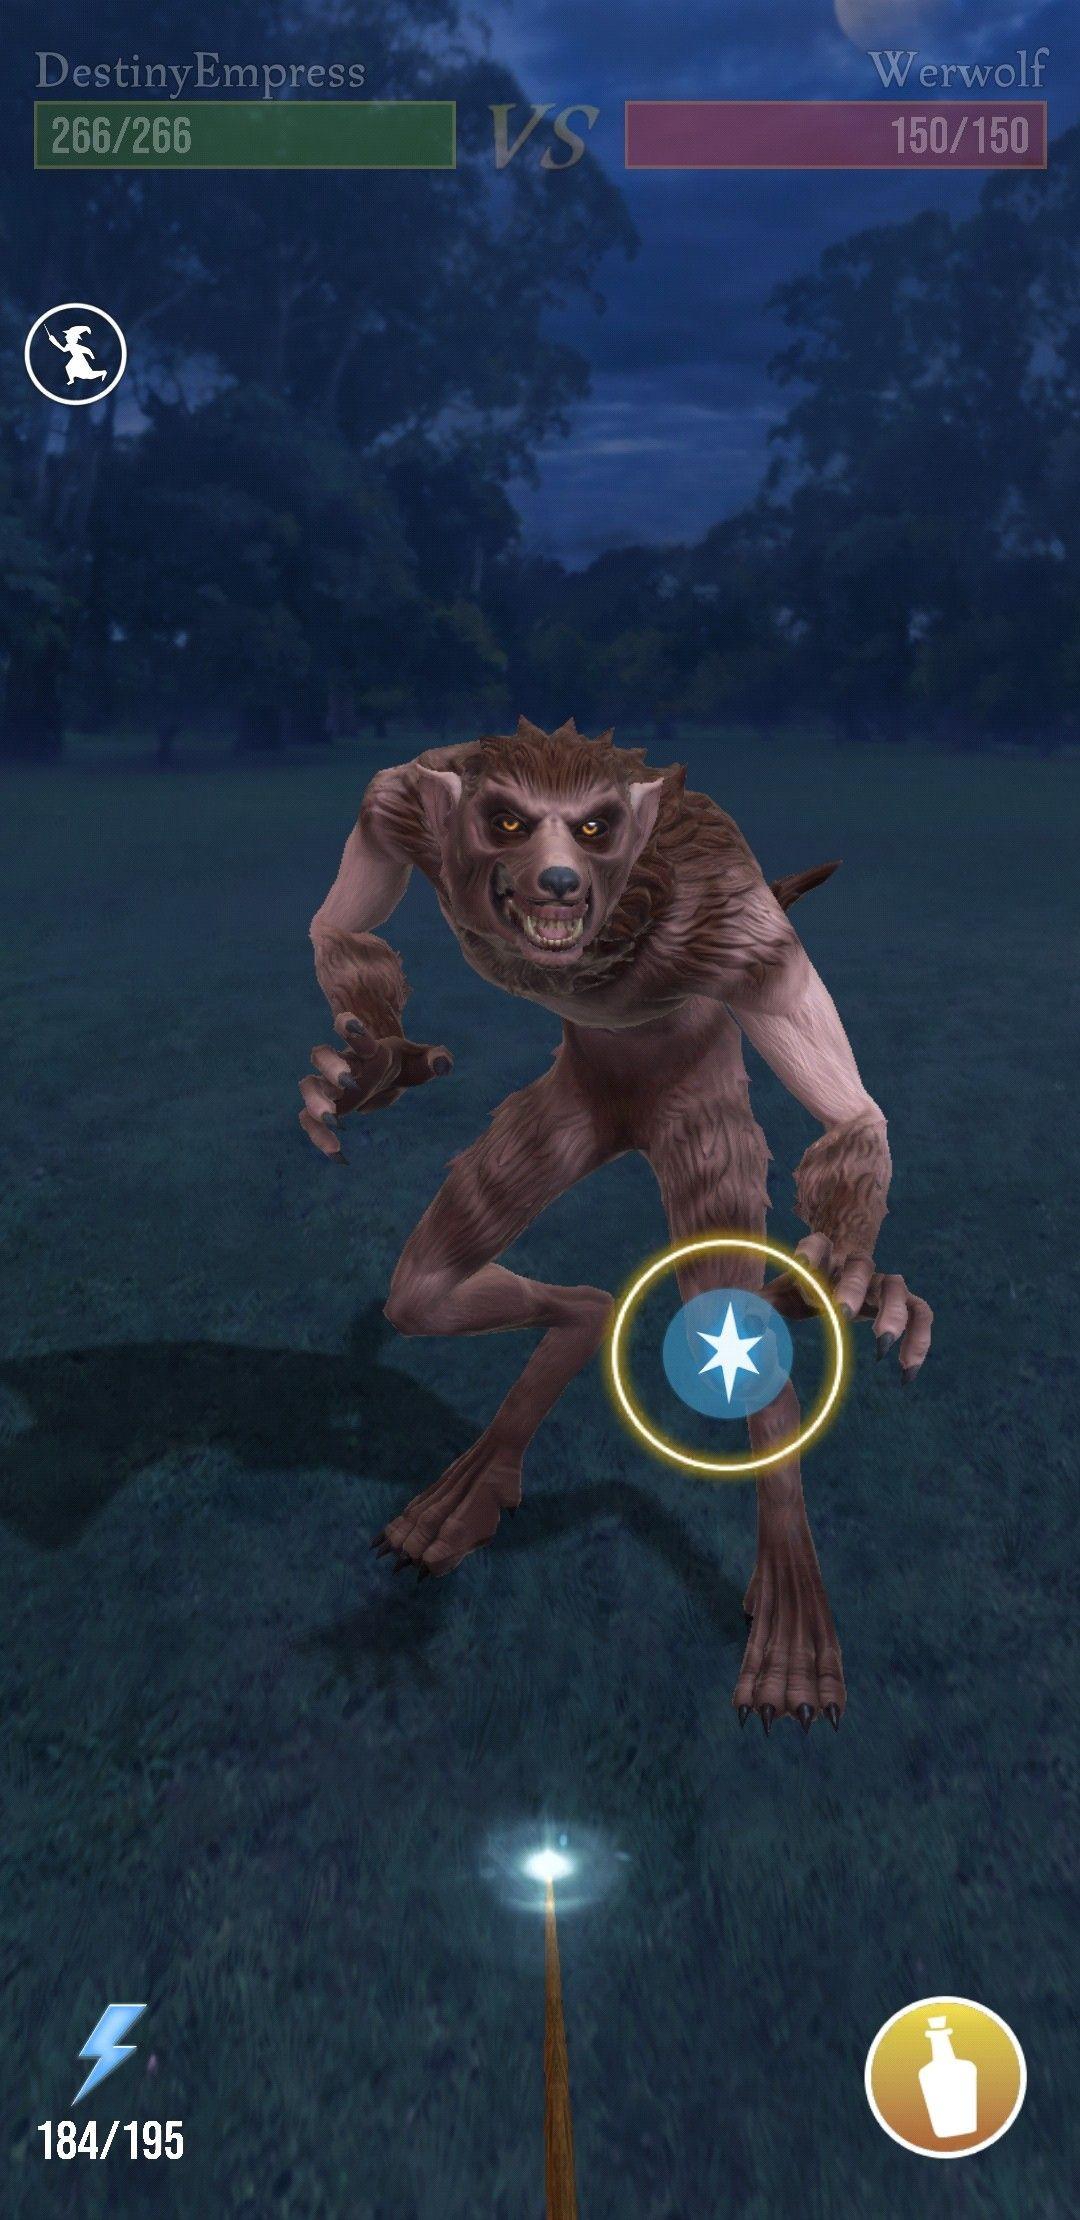 Pin Von Astrid K Auf Wizards Unite Werwolf